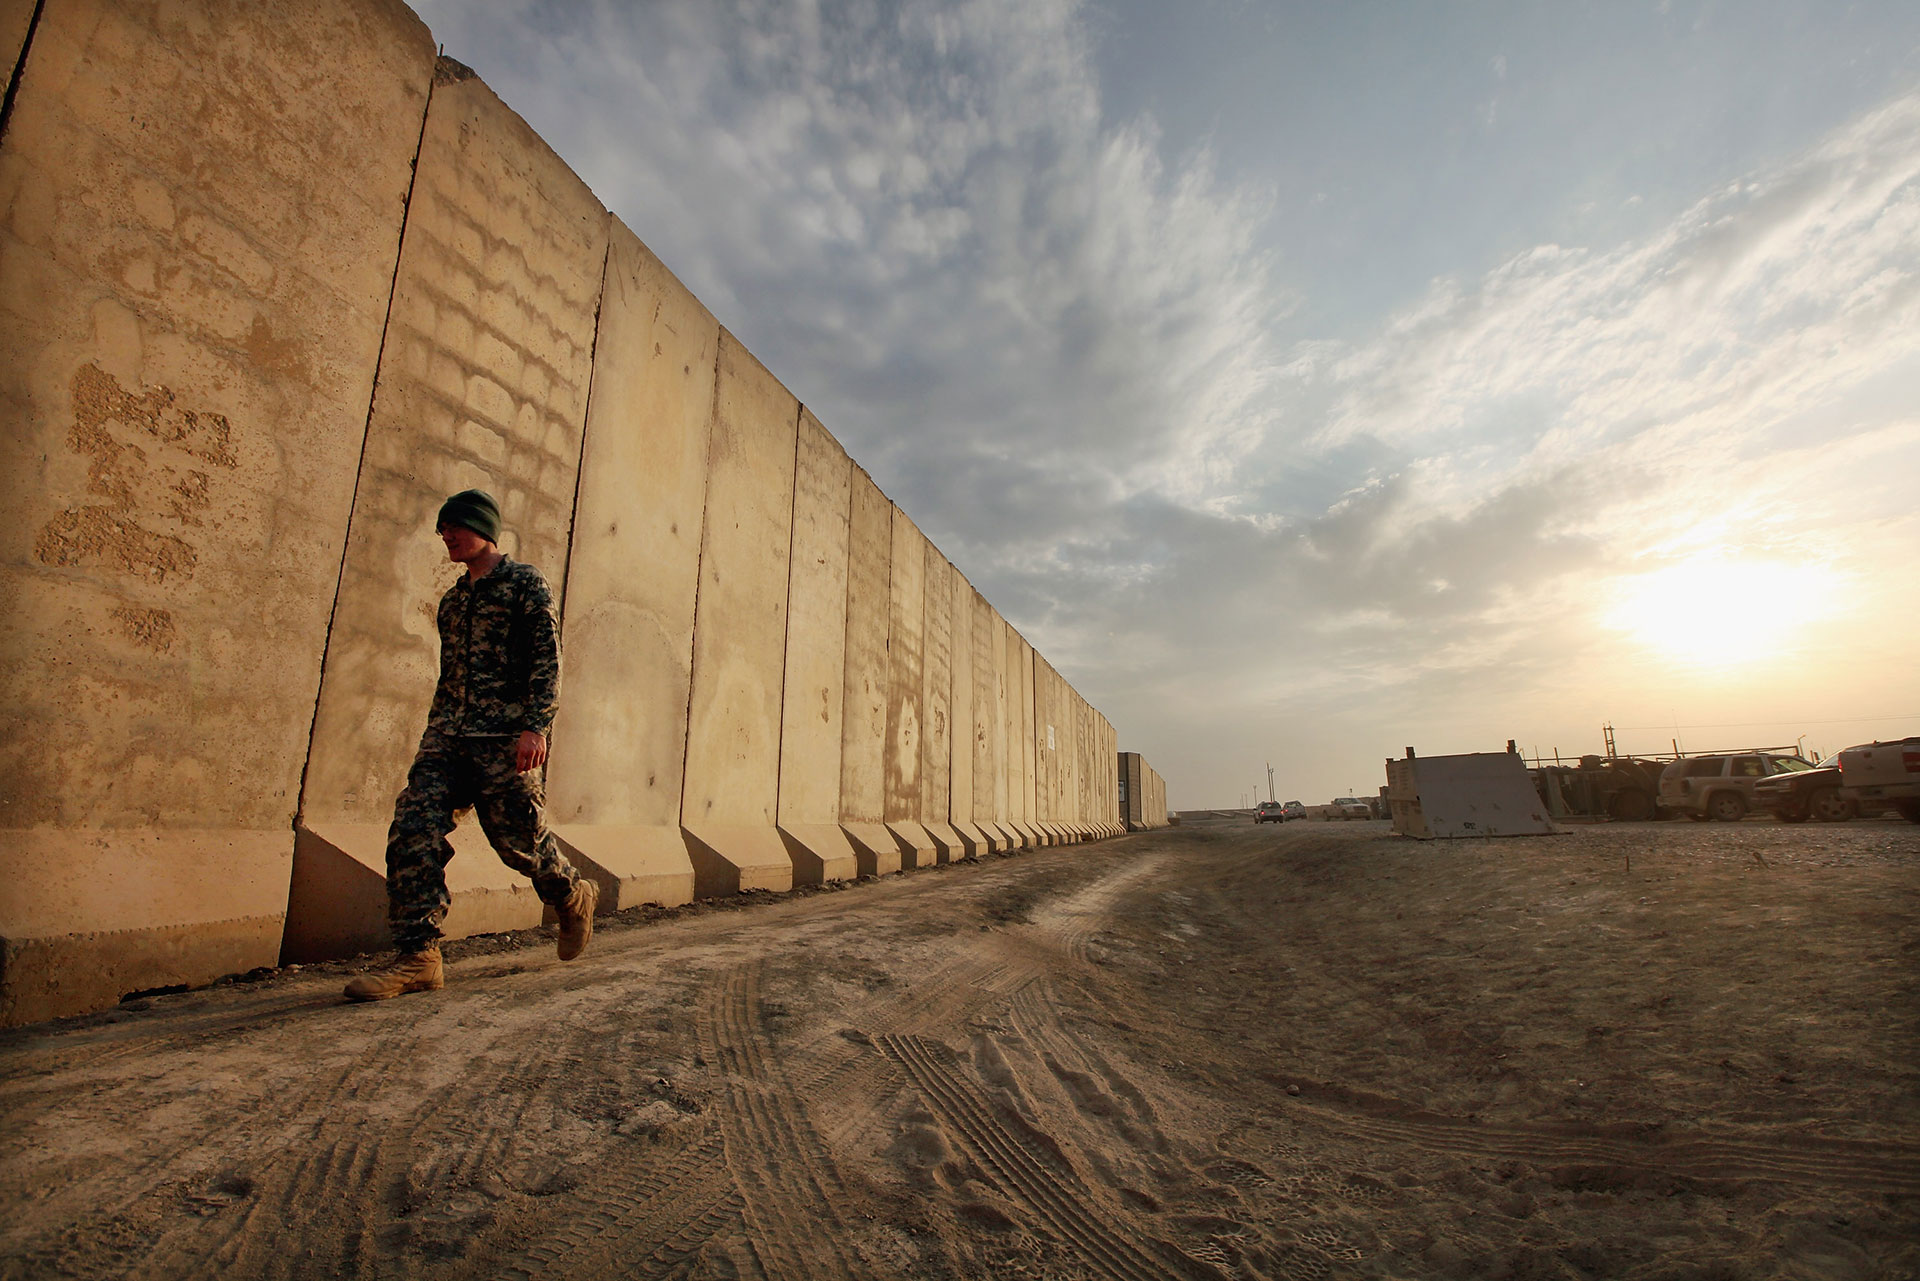 Después de la invasión de Saddam Hussein en 1990, Kuwait instaló una valla de unos 200 kilómetros de extensión en su frontera con Irak, está compuesta por tramos de cerca electrificada, alambre de púa y muros de arena (Getty Images)